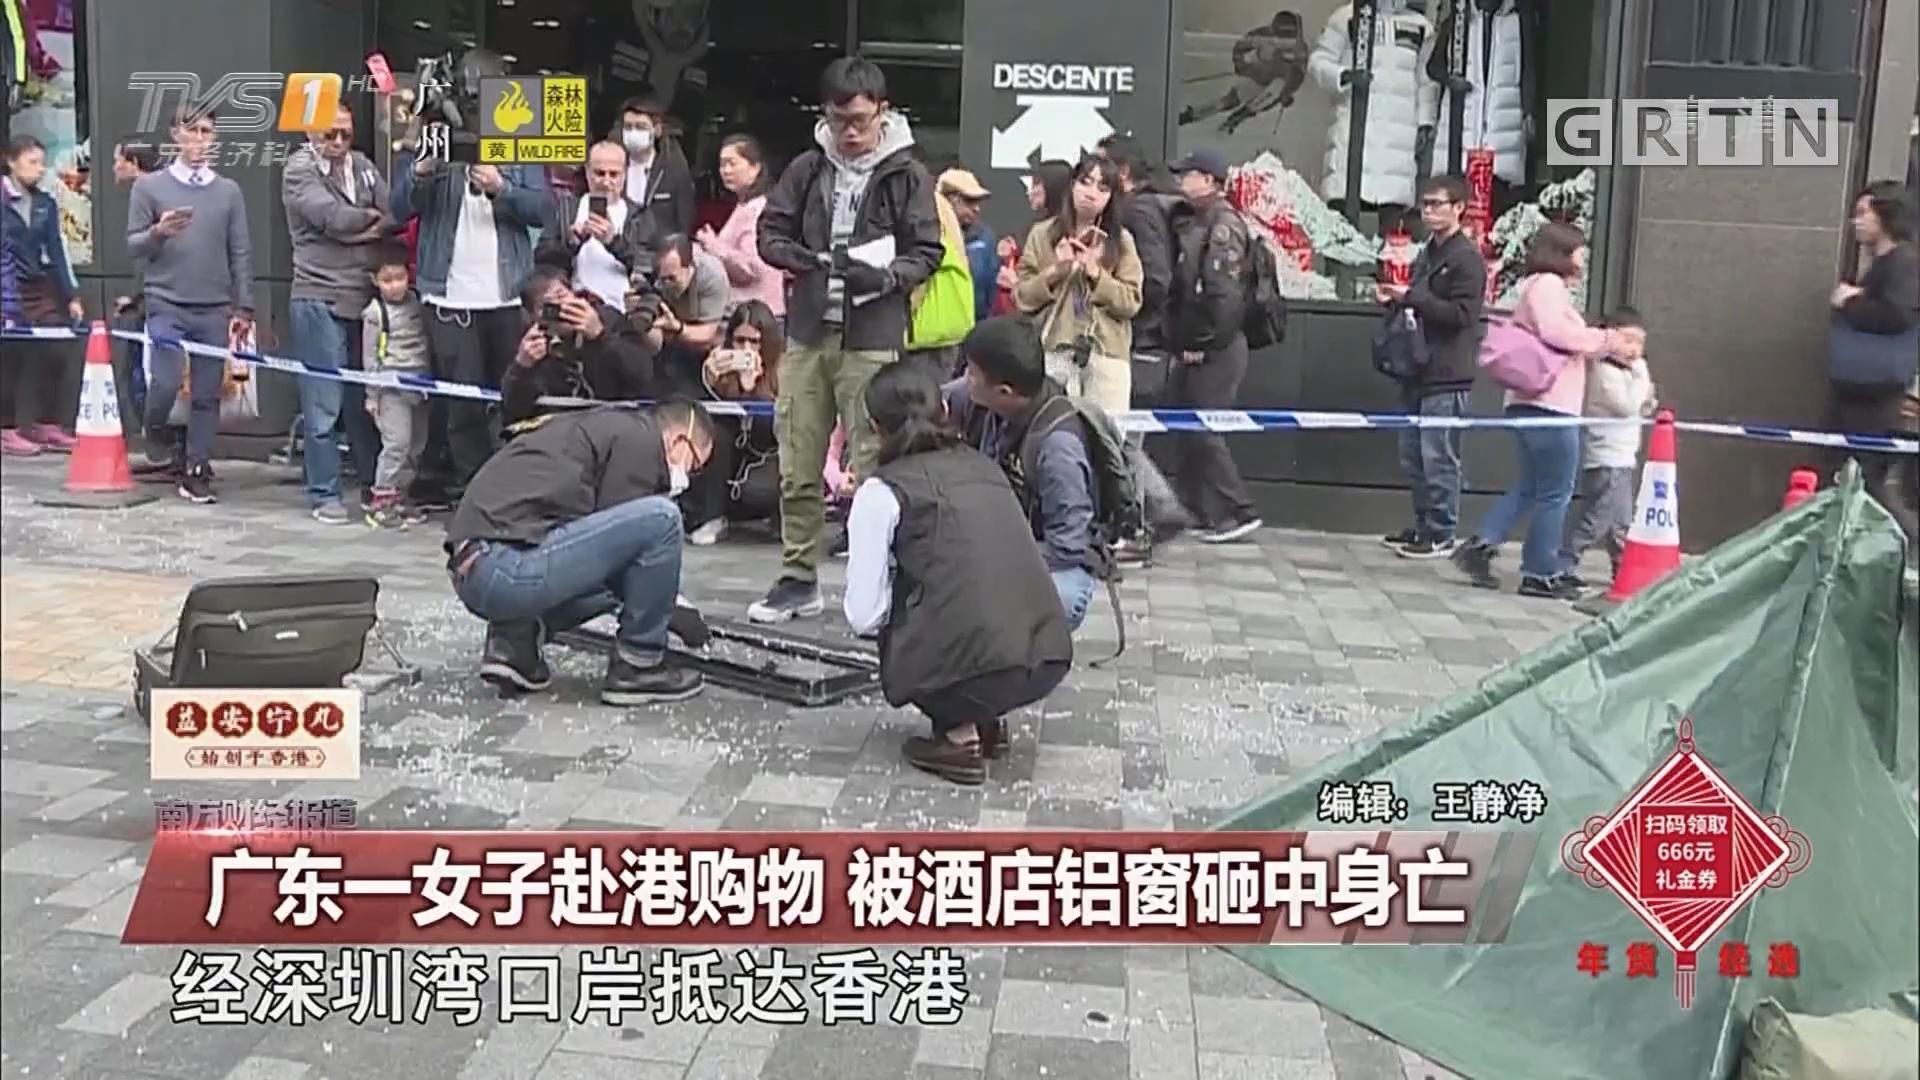 广东一女子赴港购物 被酒店铝窗砸中身亡